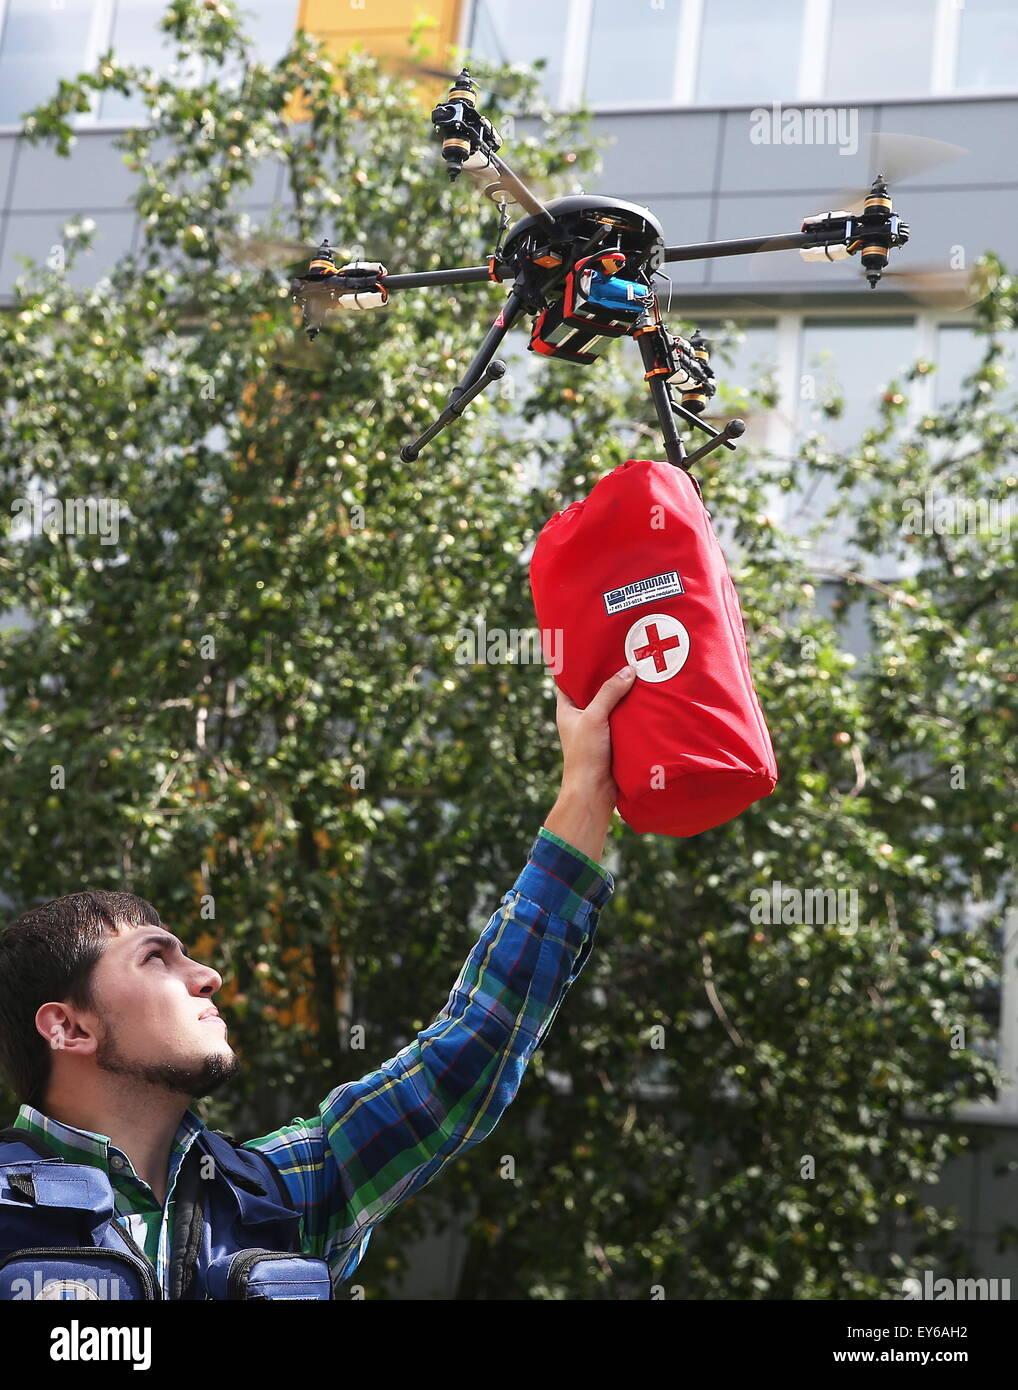 MOSKAU, RUSSLAND. 22. JULI 2015. Ein junger Mann mit einem unbemannten (Drohne Flugzeuge) tragen einen Verbandskasten Stockbild